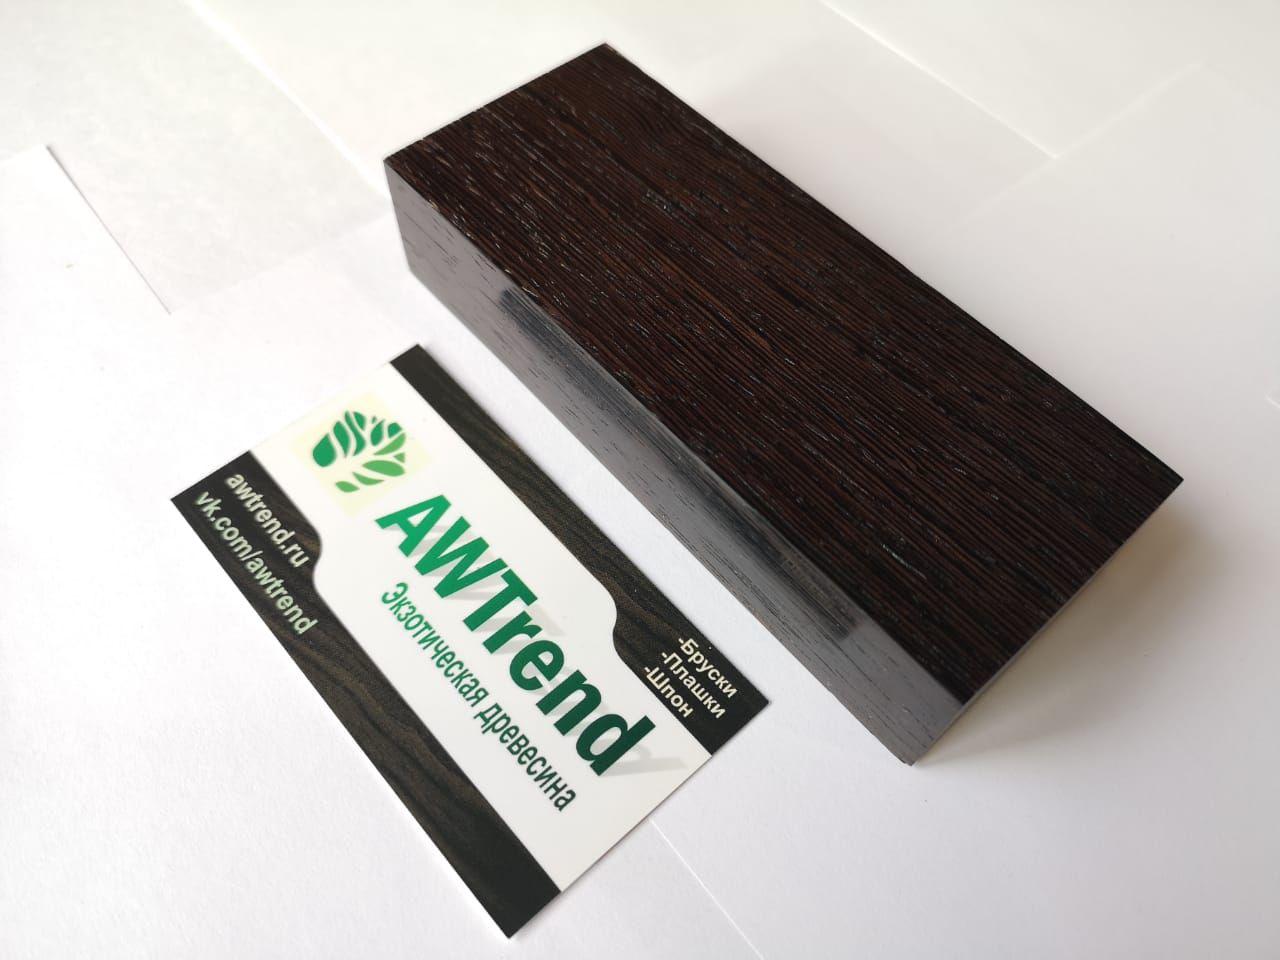 Венге (Wenge) плашки 5-7-10-14 мм на выбор (цена за 1 шт)